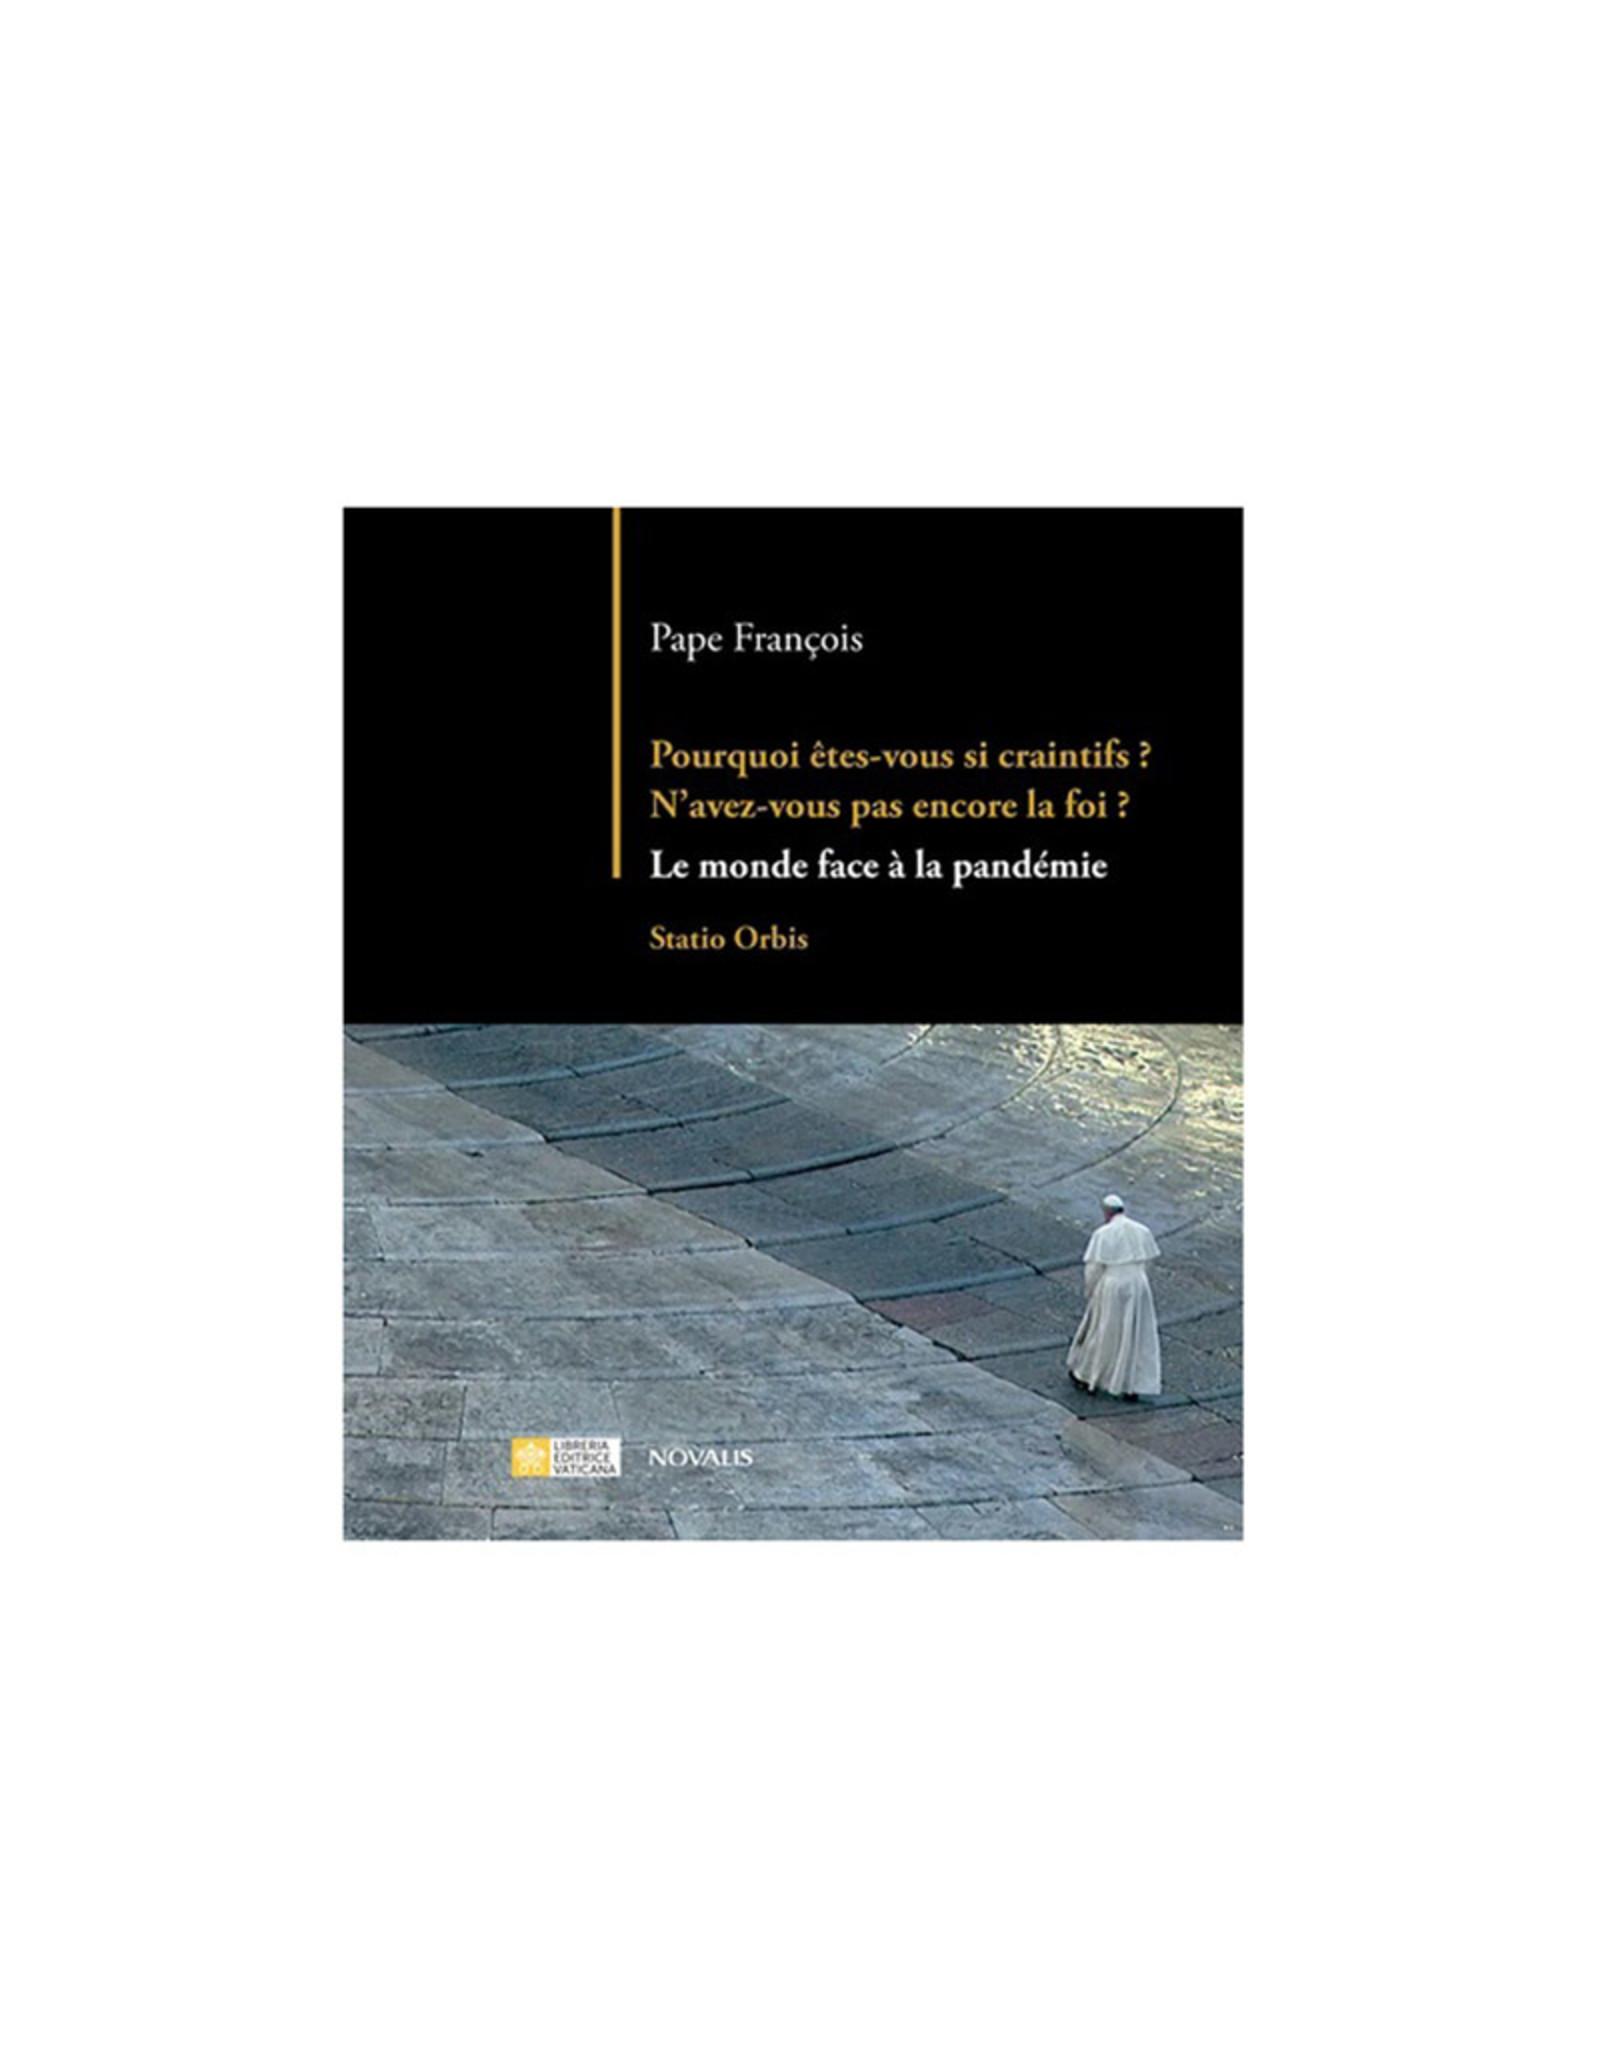 Novalis Pourquoi êtes-vous si craintifs? - Pope Francis (french)